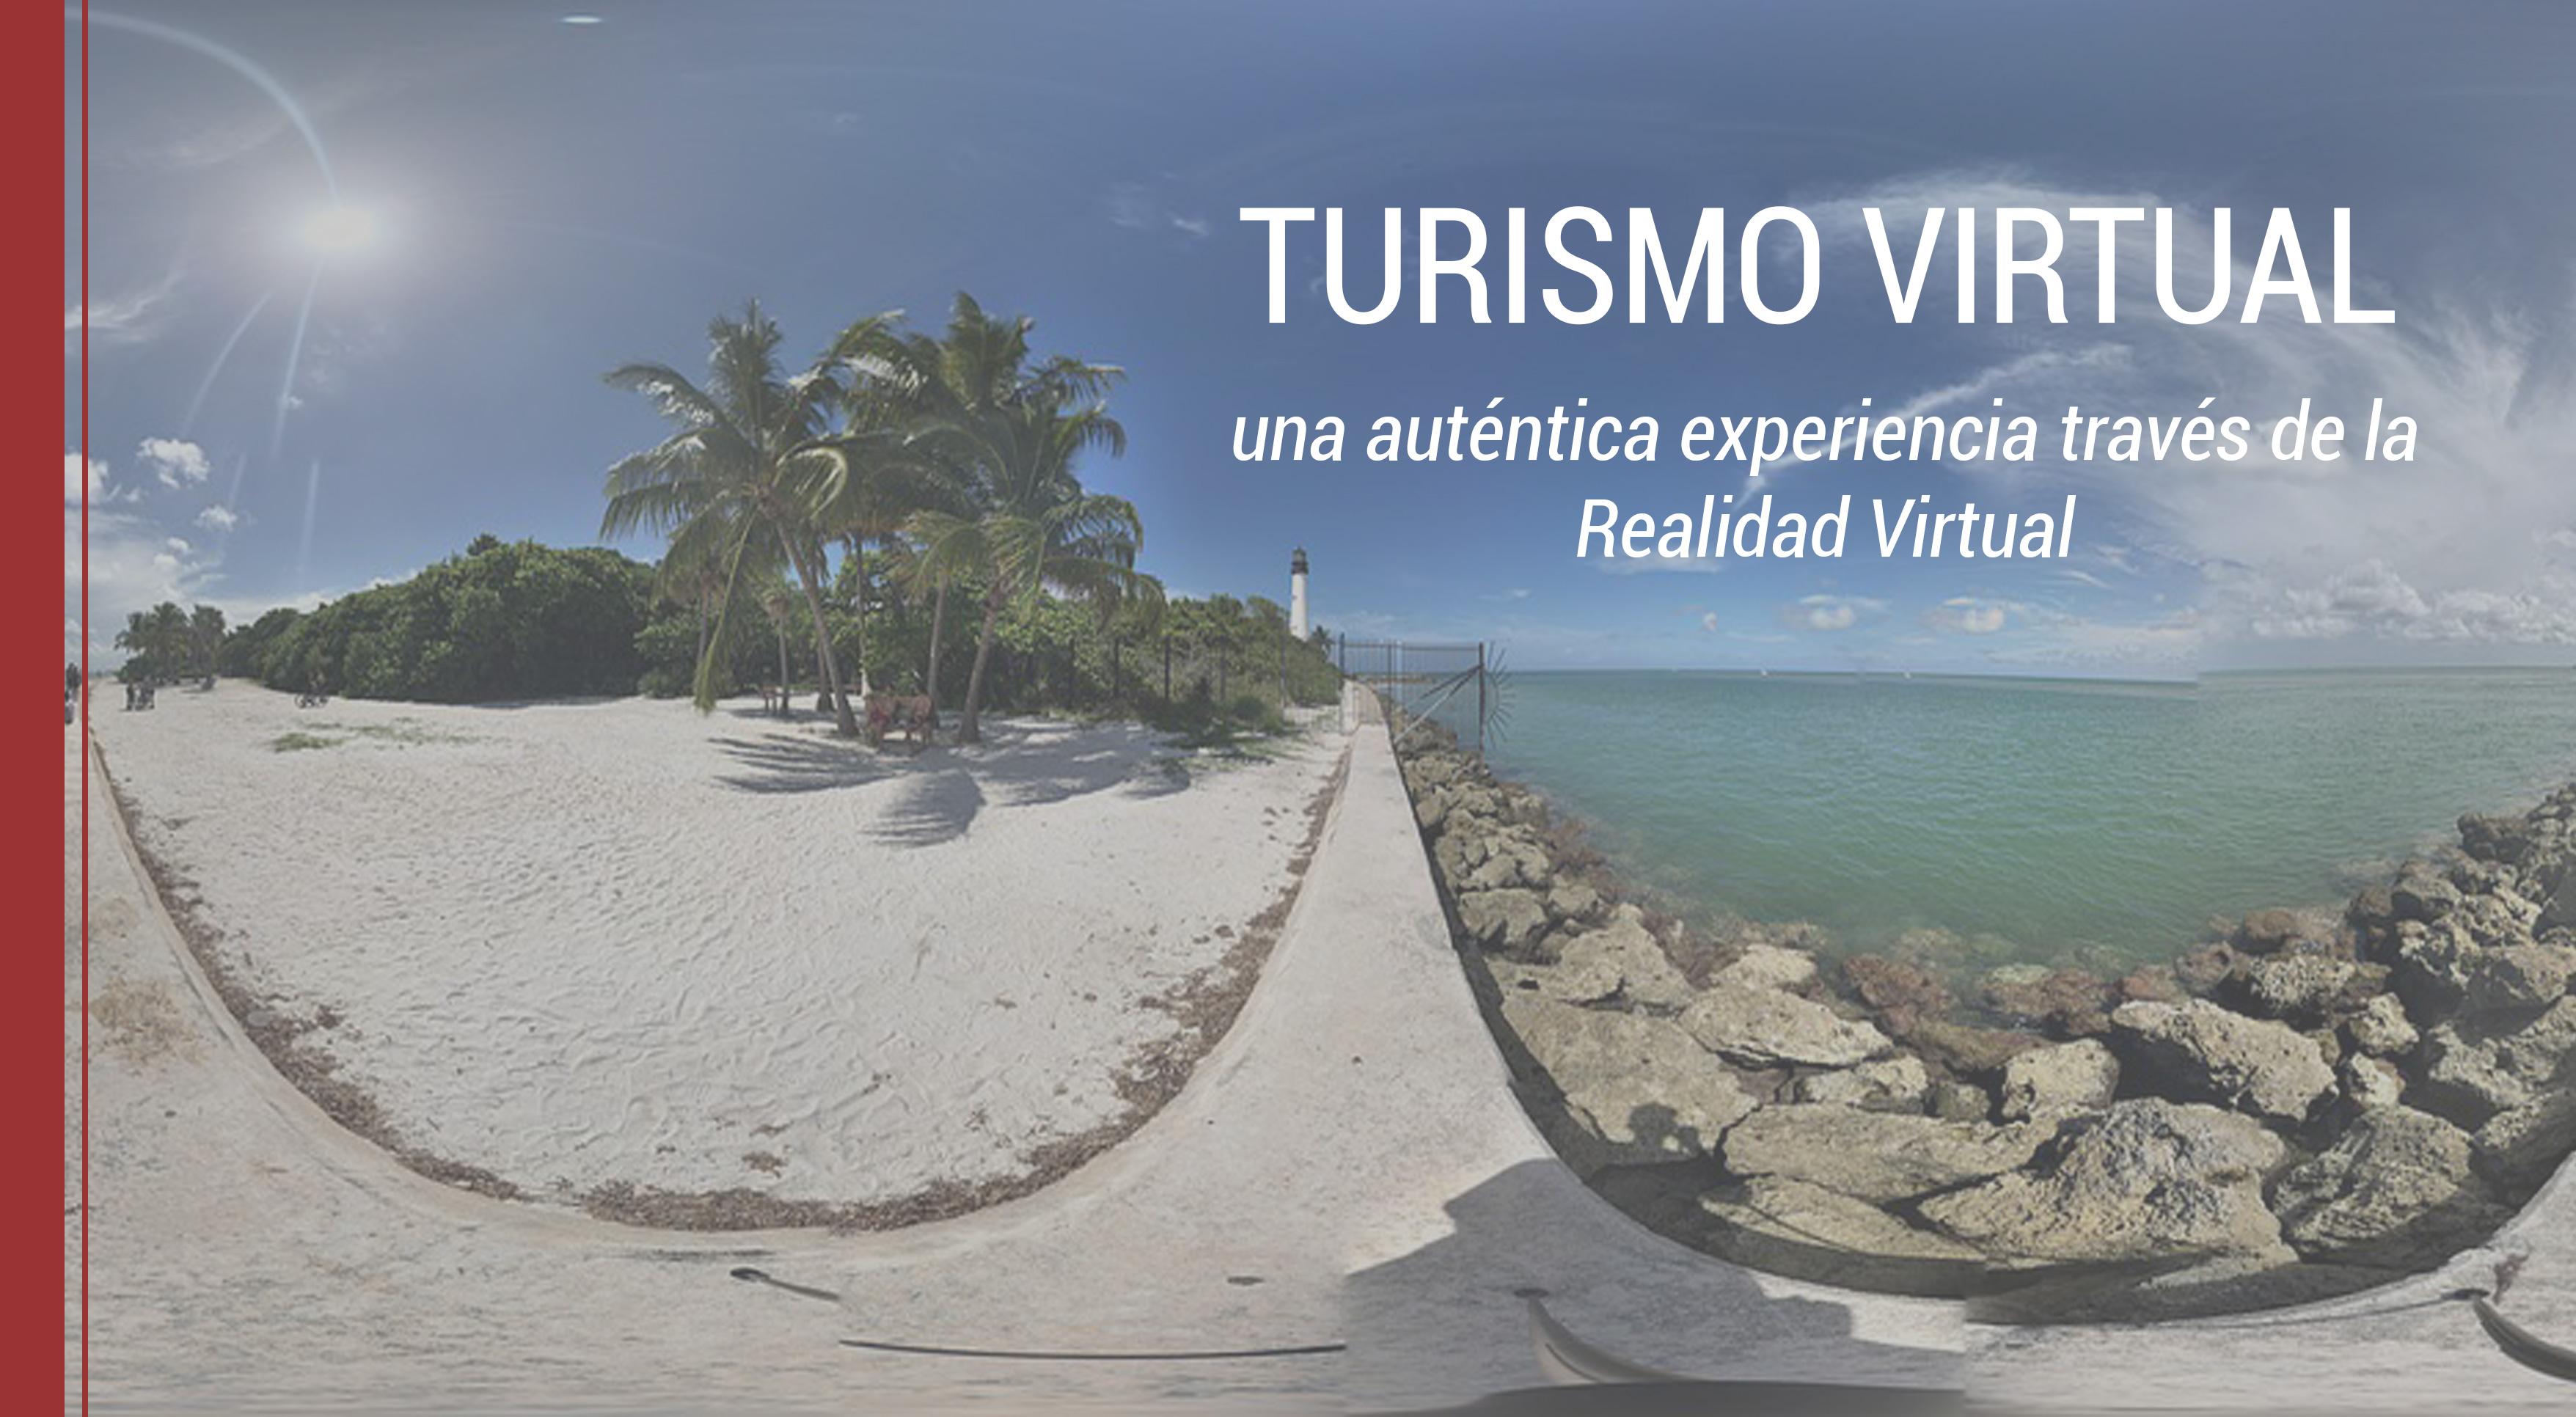 turismo-virtual El turismo virtual ha llegado ¡Disfruta experiencias reales!